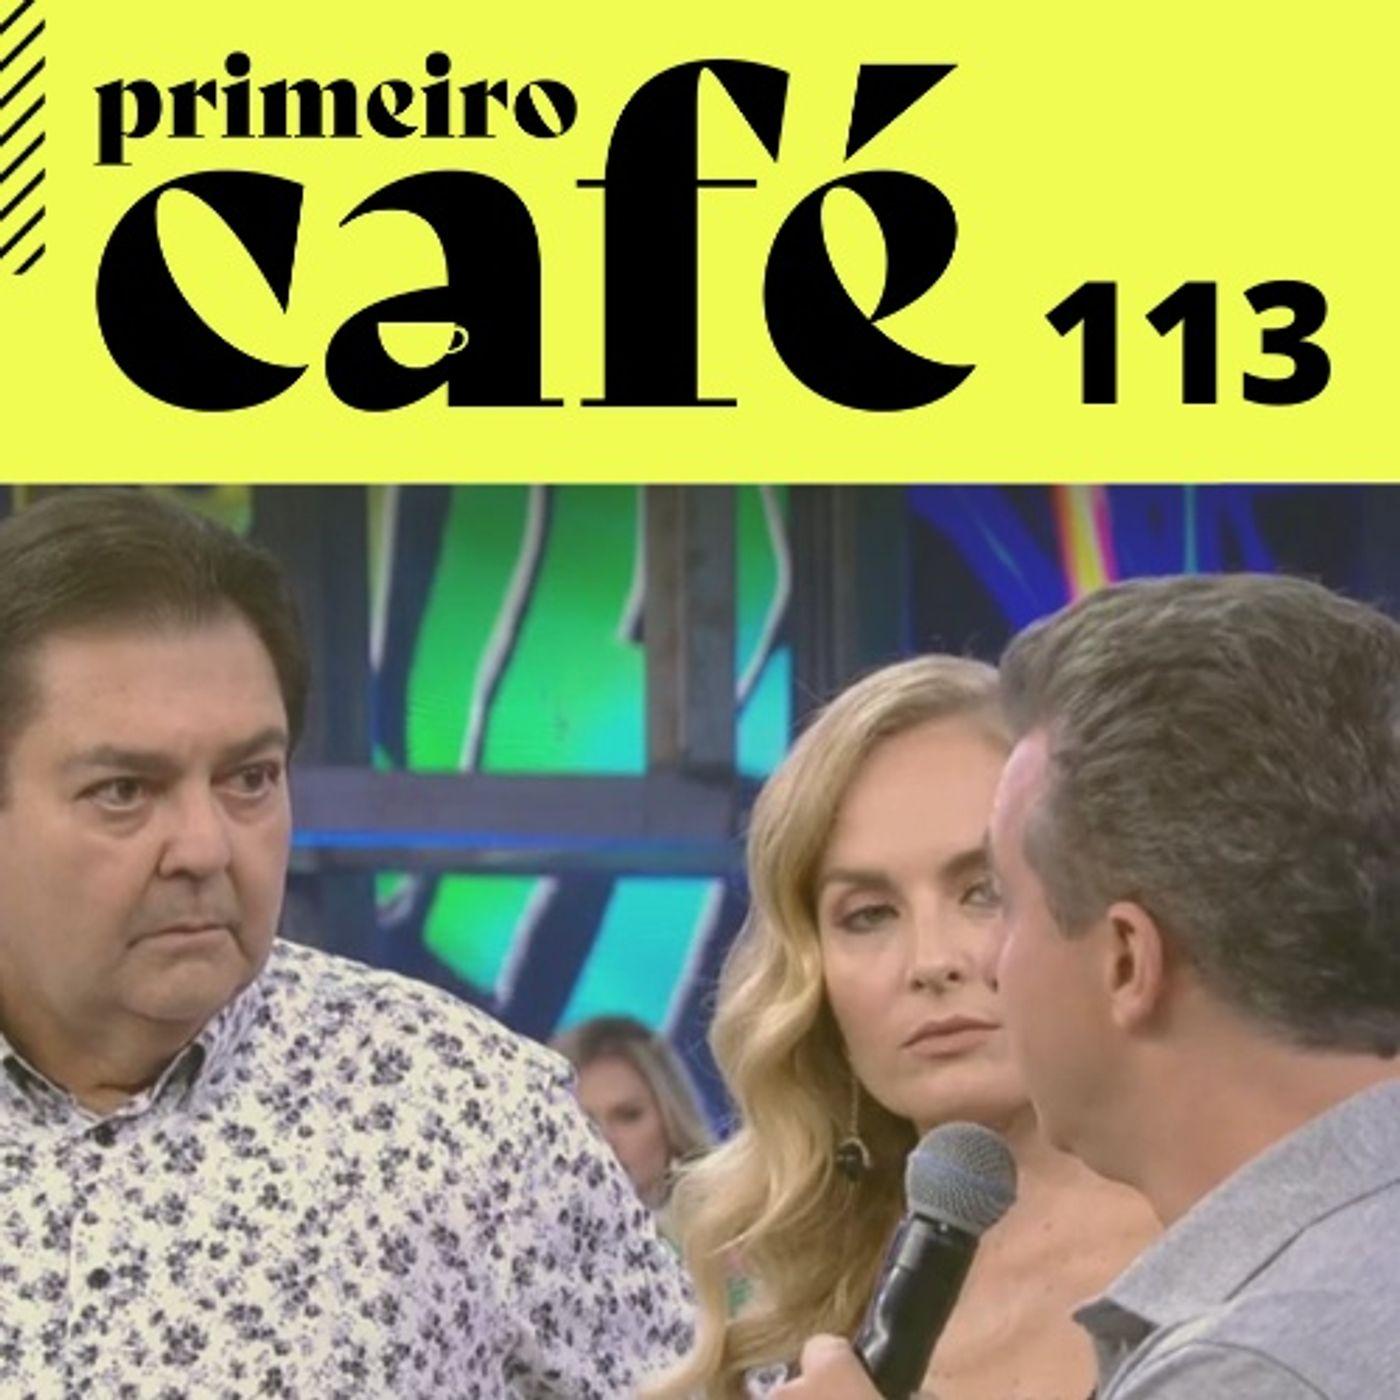 #113 Huck não vai ser candidato para ficar no lugar de Faustão   CPI da Covid investiga colapso em Manaus   Literatura